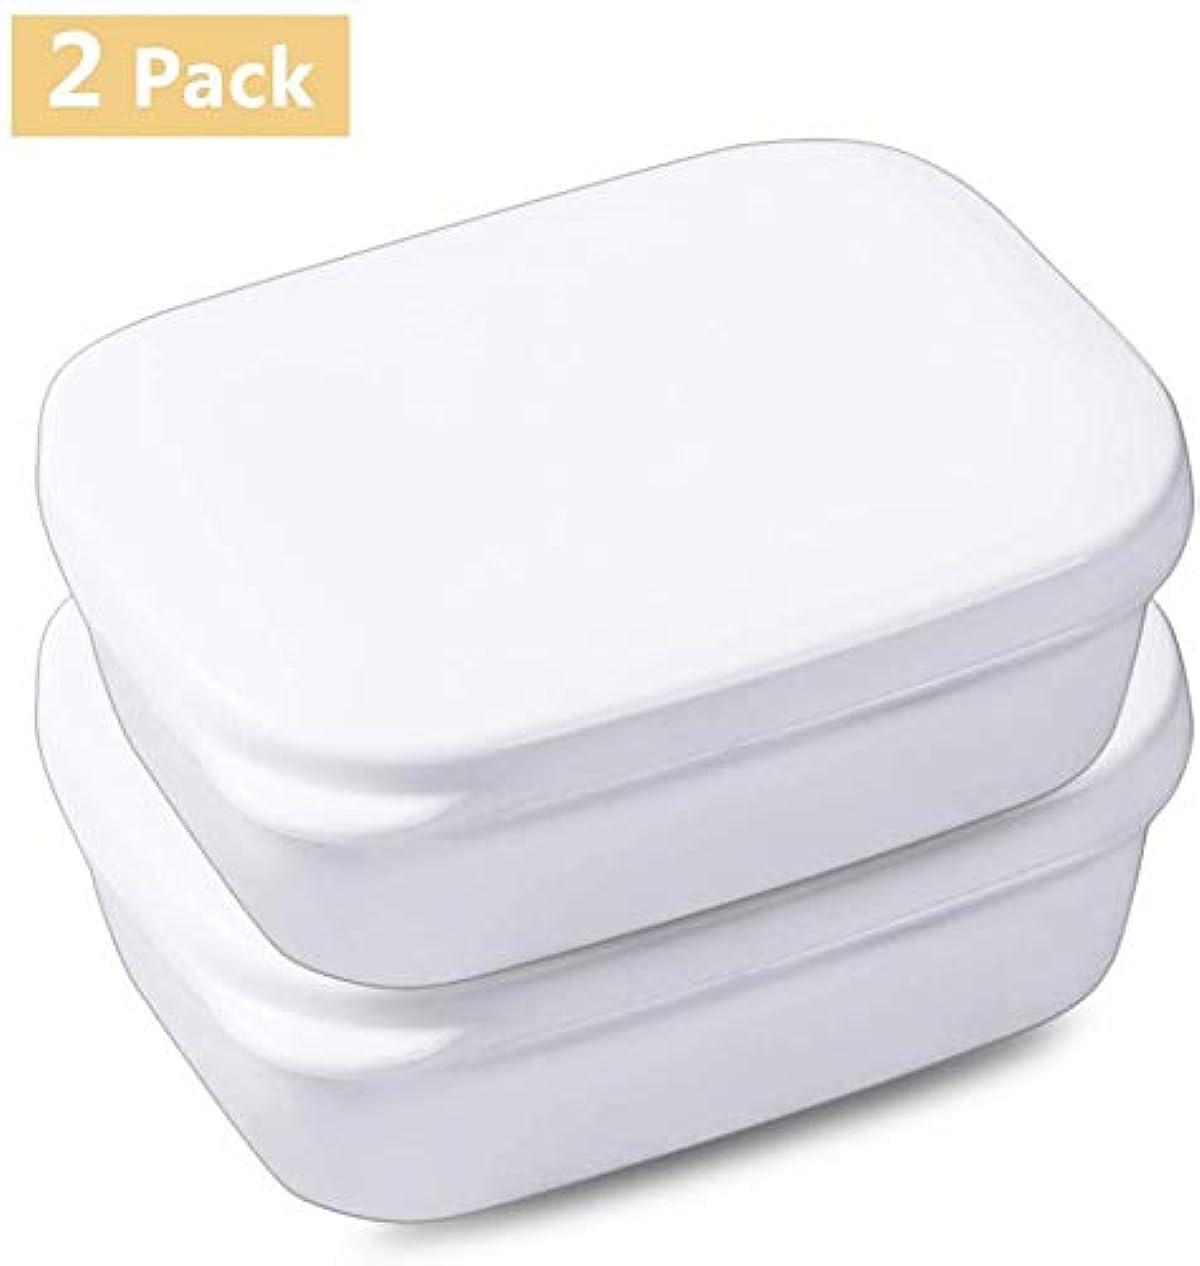 うまくやる()あなたが良くなります彼らはEmstany 携帯用ソープケース 石鹸ケース 石けん箱 石鹸ボックス 石けんケース 漏れ防止 密閉タイプ ジム スパ 旅行 角型(ホワイト) 2個セッド